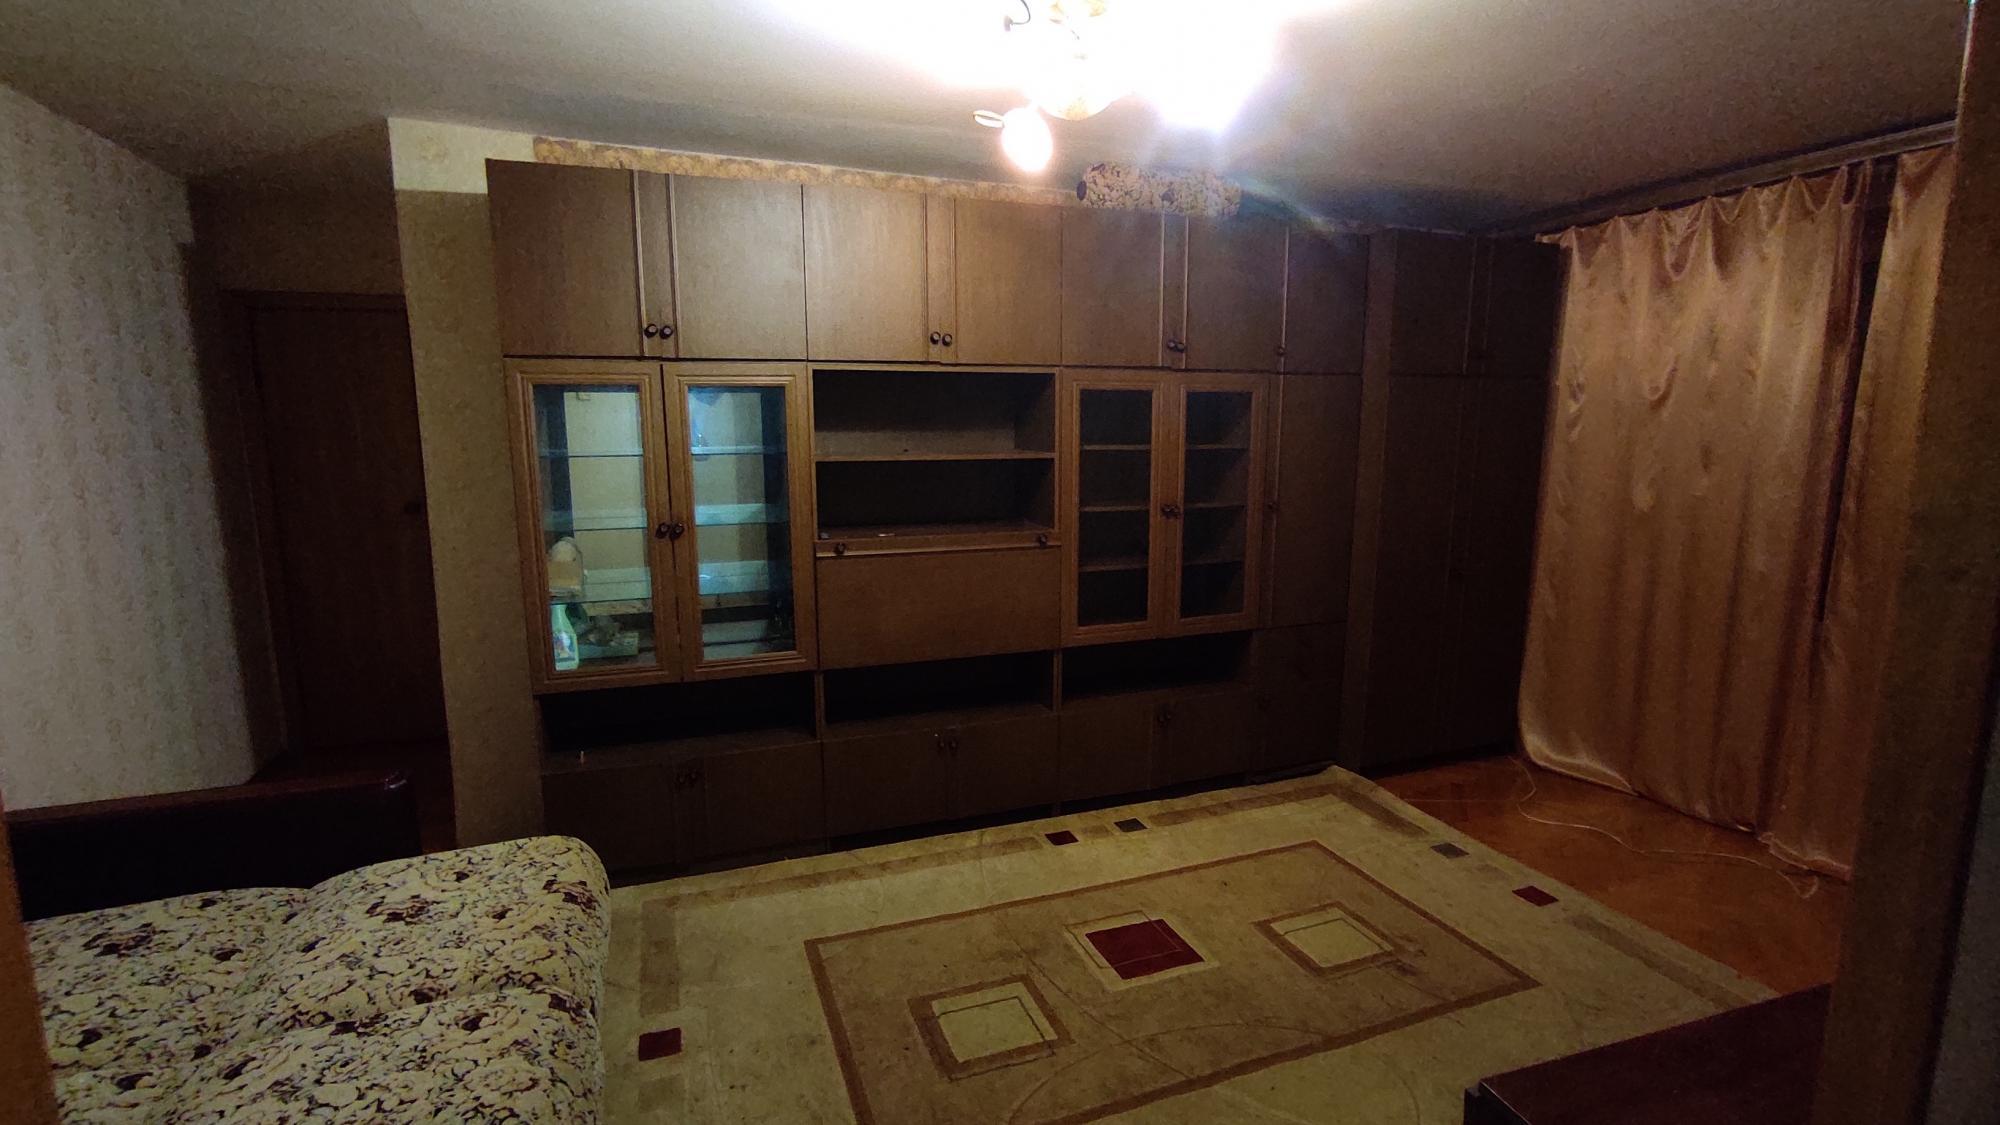 Квартира, 2 комнаты, 43.5 м² в Люберцах 89859757413 купить 1